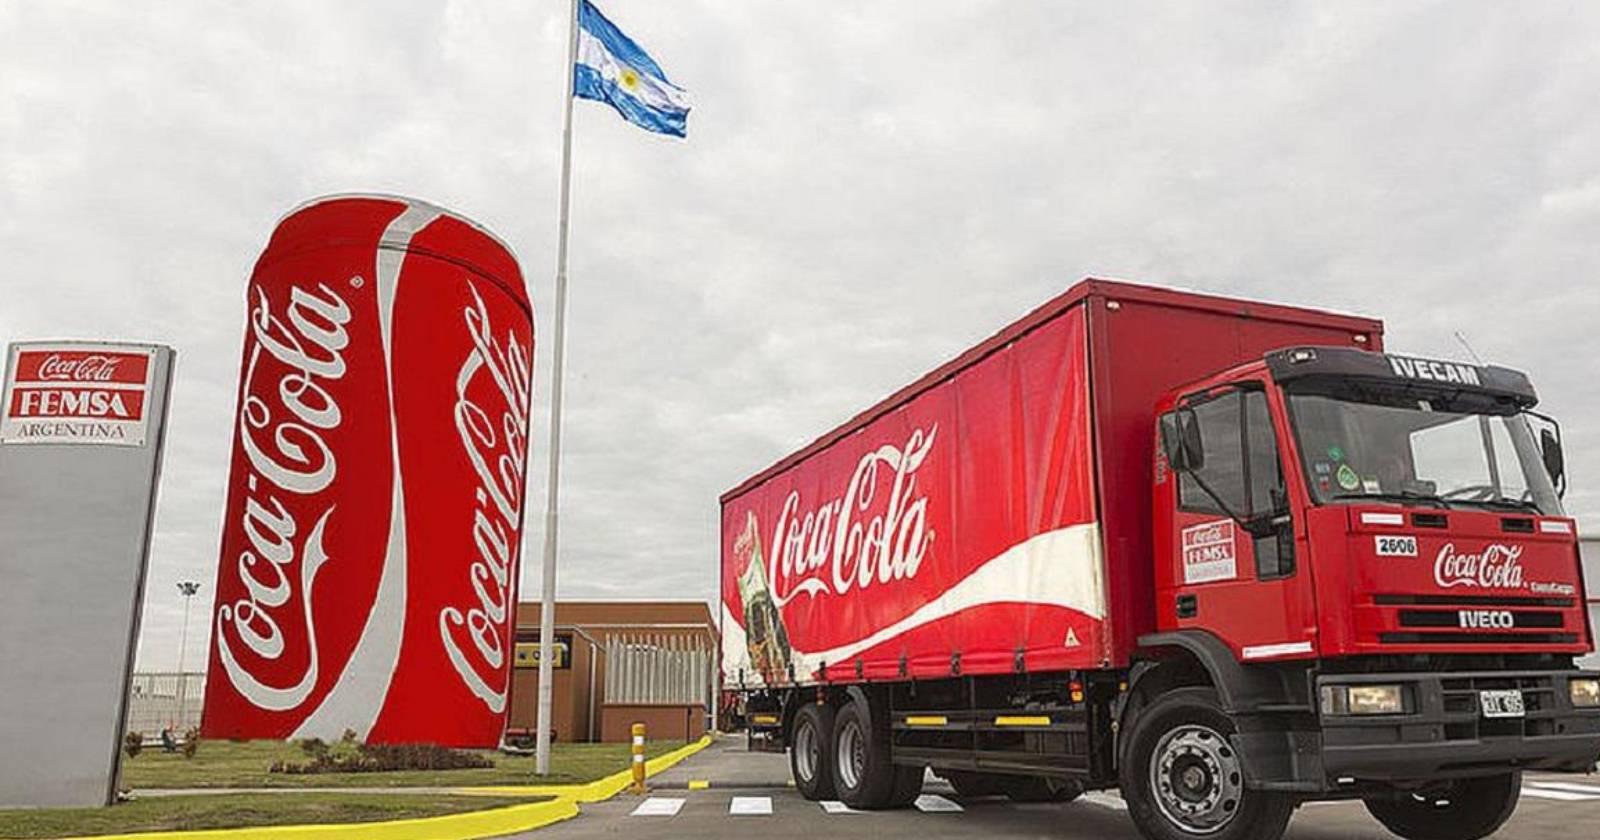 Coca Cola de Argentina traslada sus oficinas a Brasil, pero mantendrá sus embotelladoras en Buenos Aires